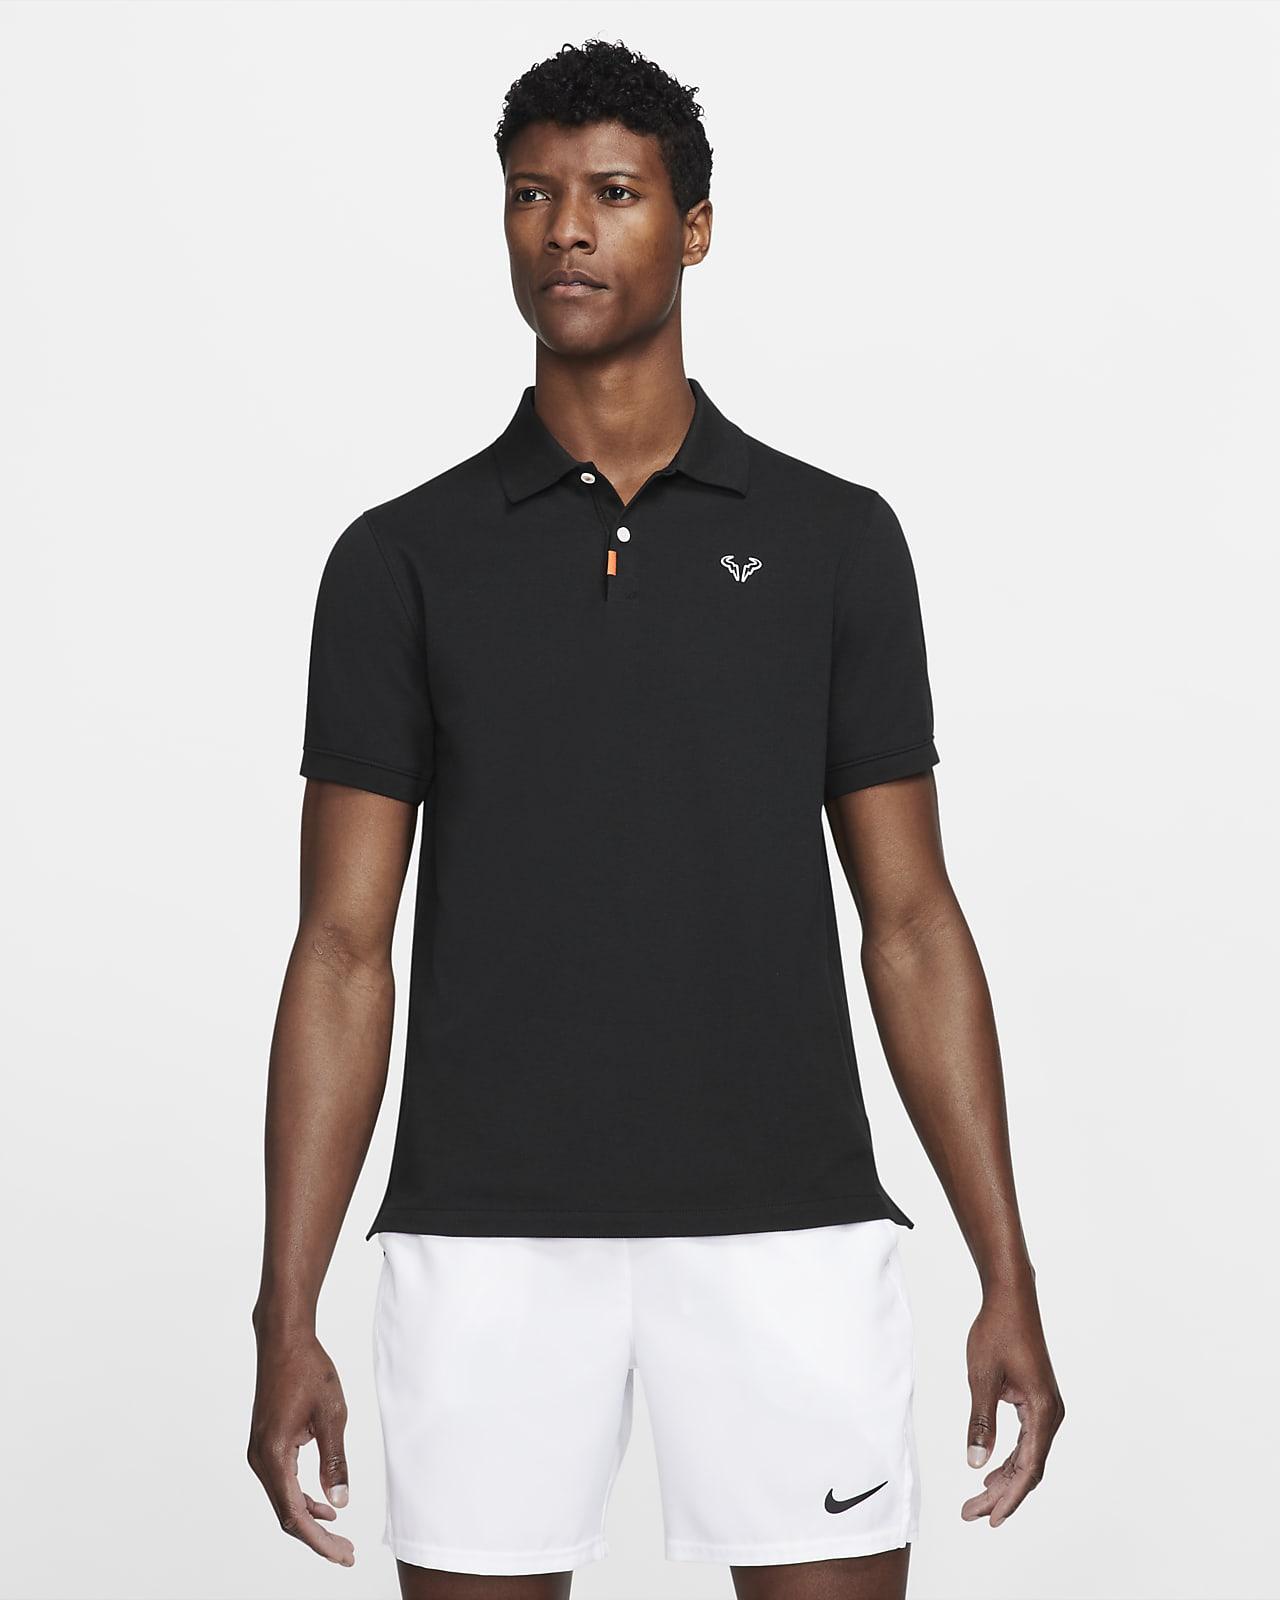 The Nike Polo Rafa Men's Slim-Fit Polo